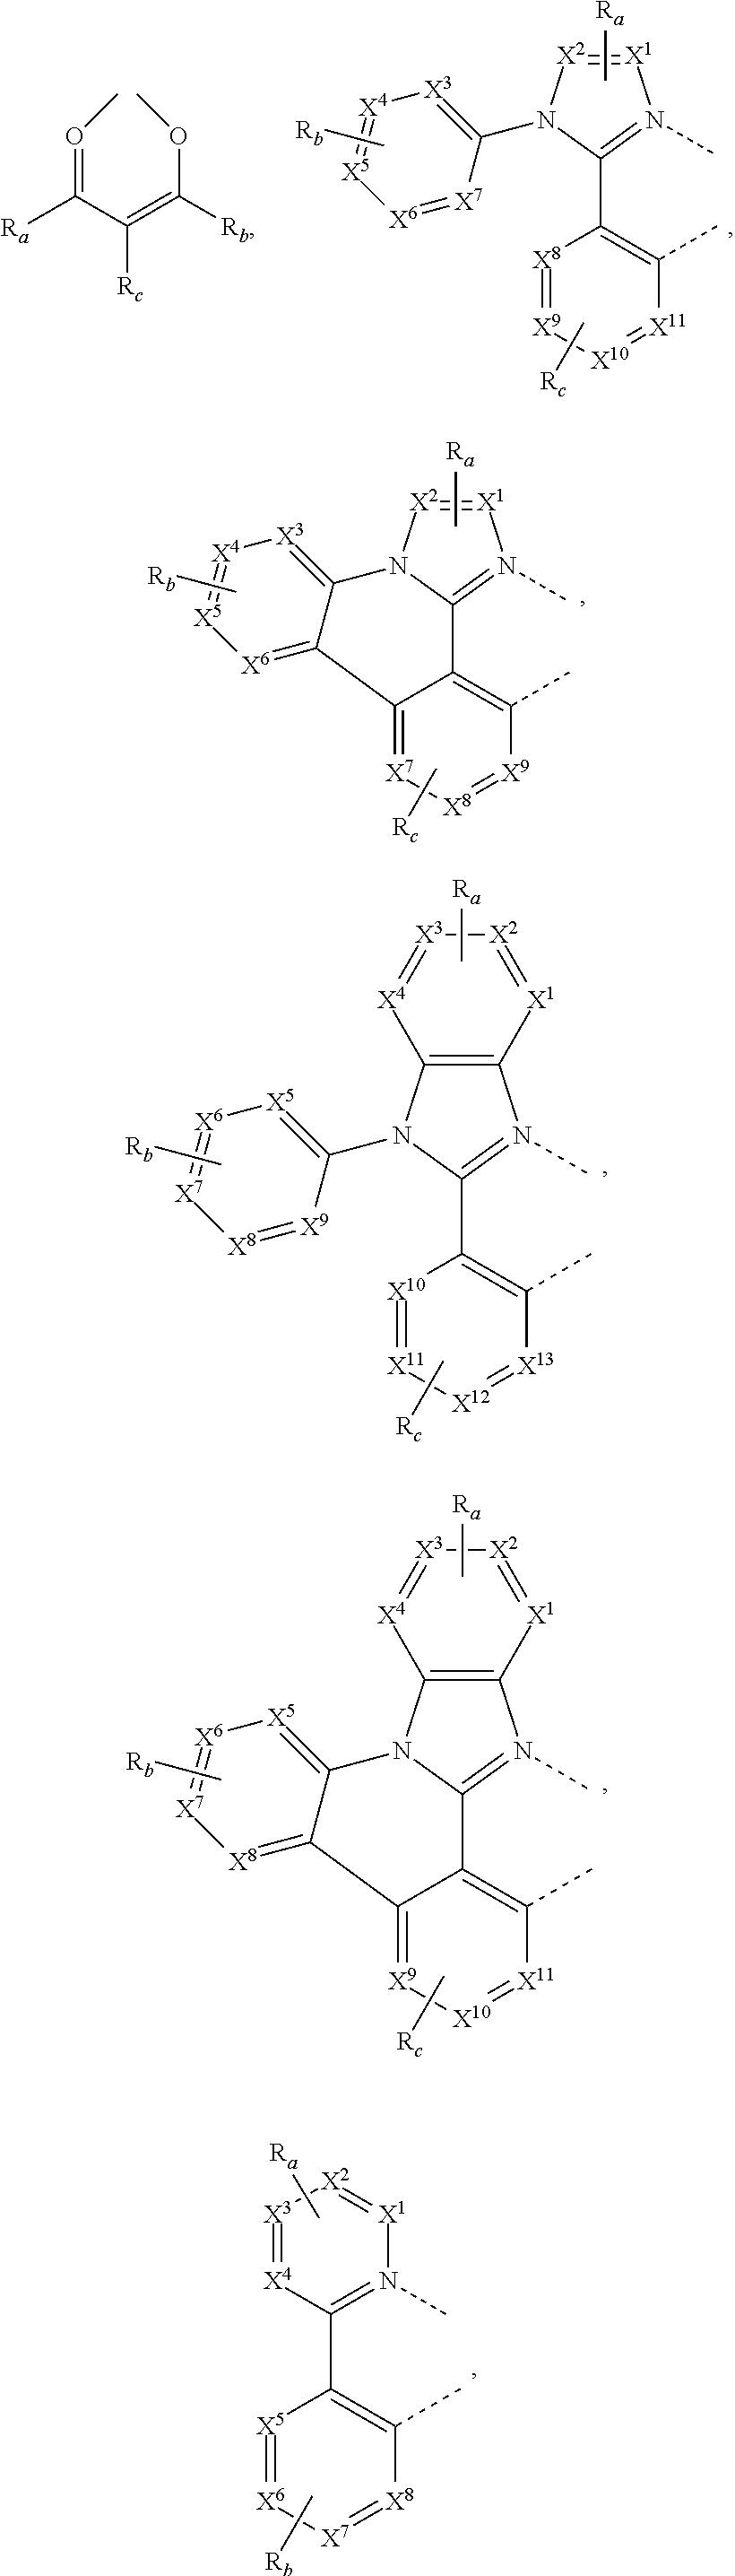 Figure US20180076393A1-20180315-C00138